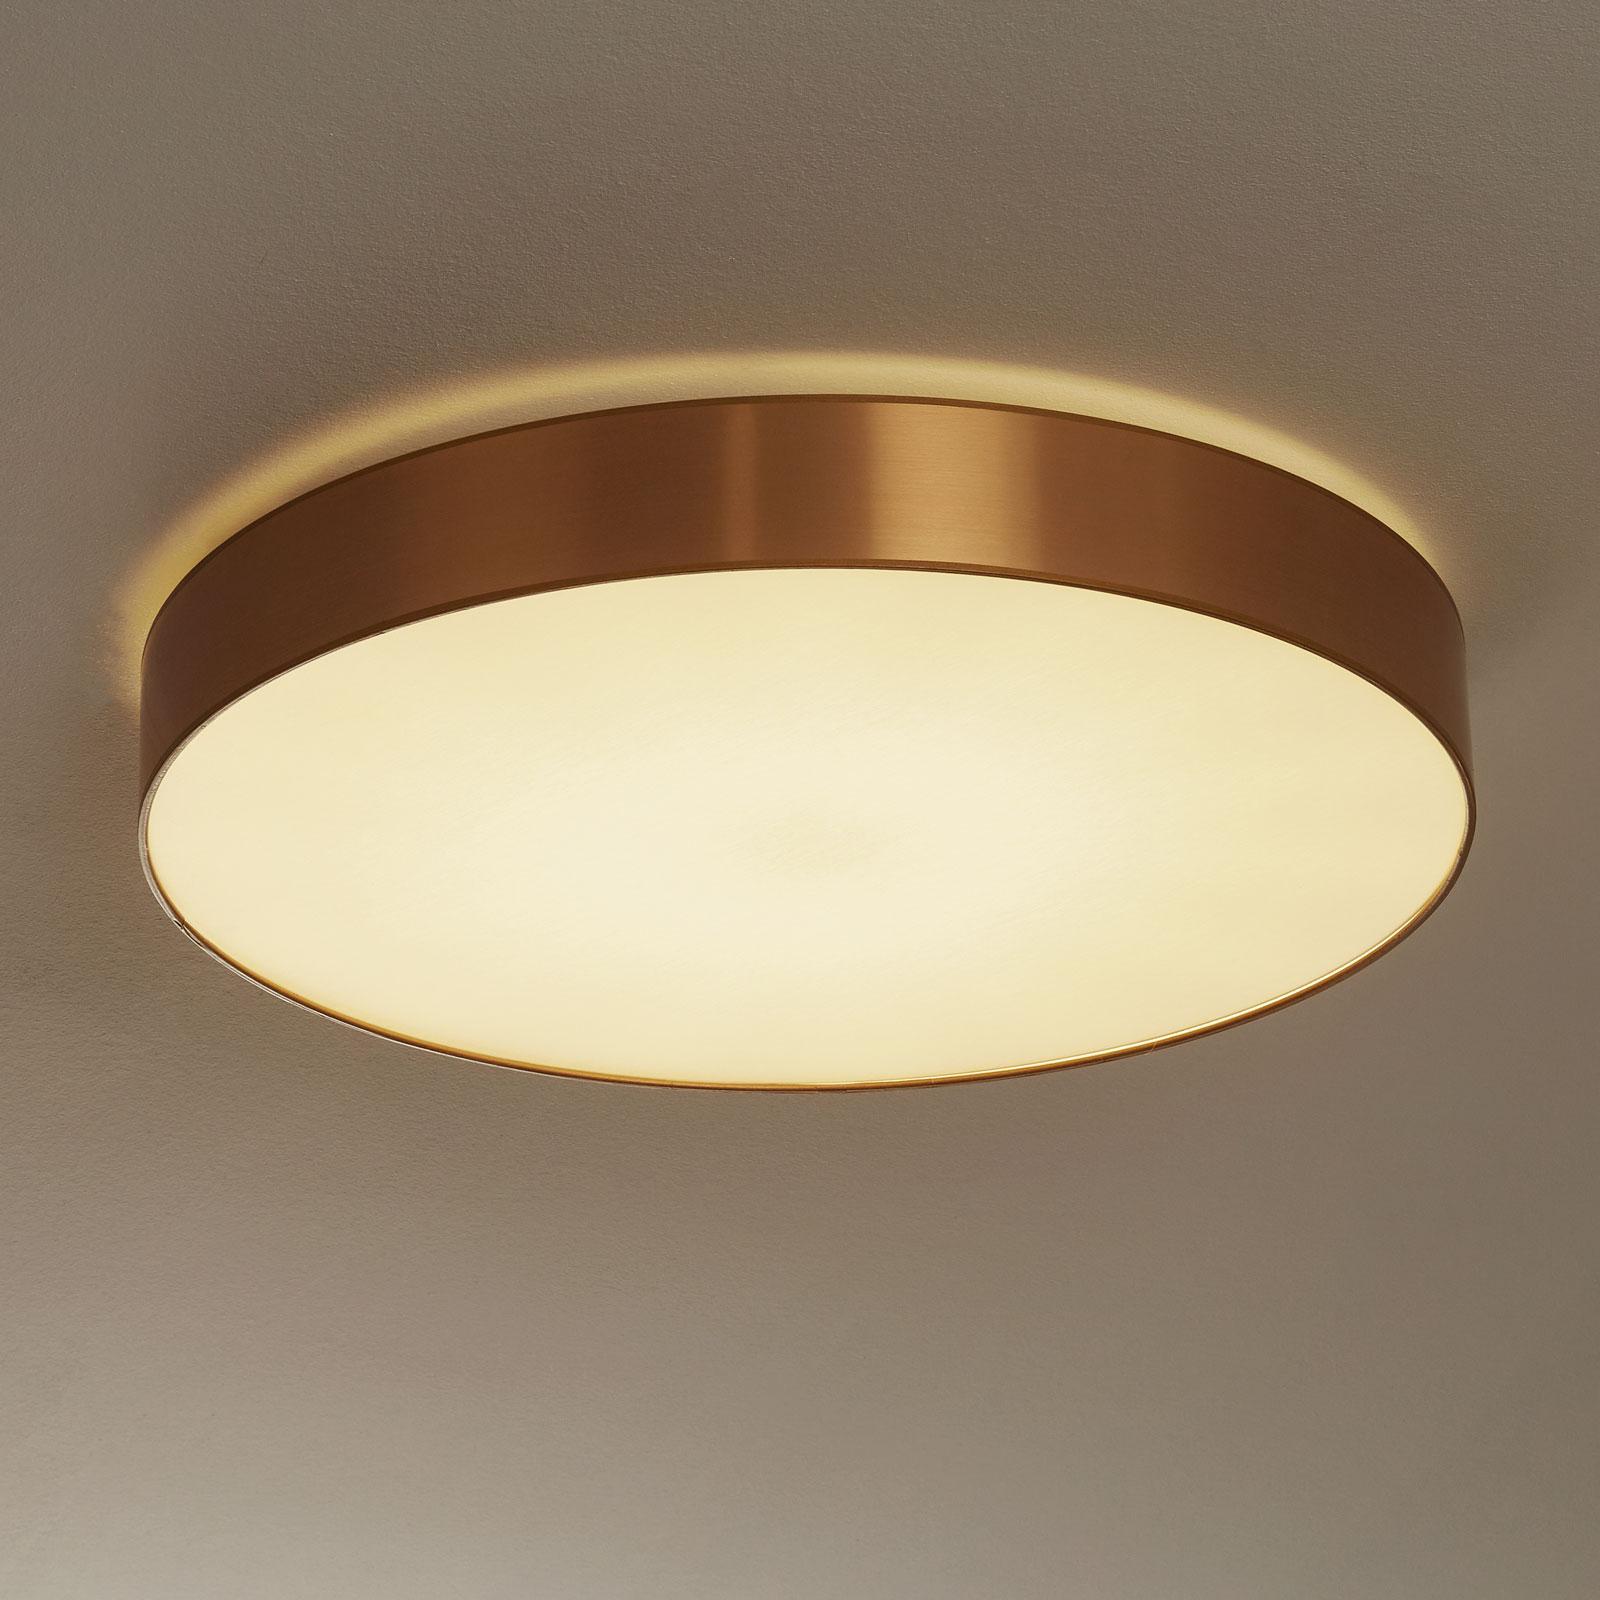 Lampa sufitowa Aurelia ściemniana złoto 60 cm